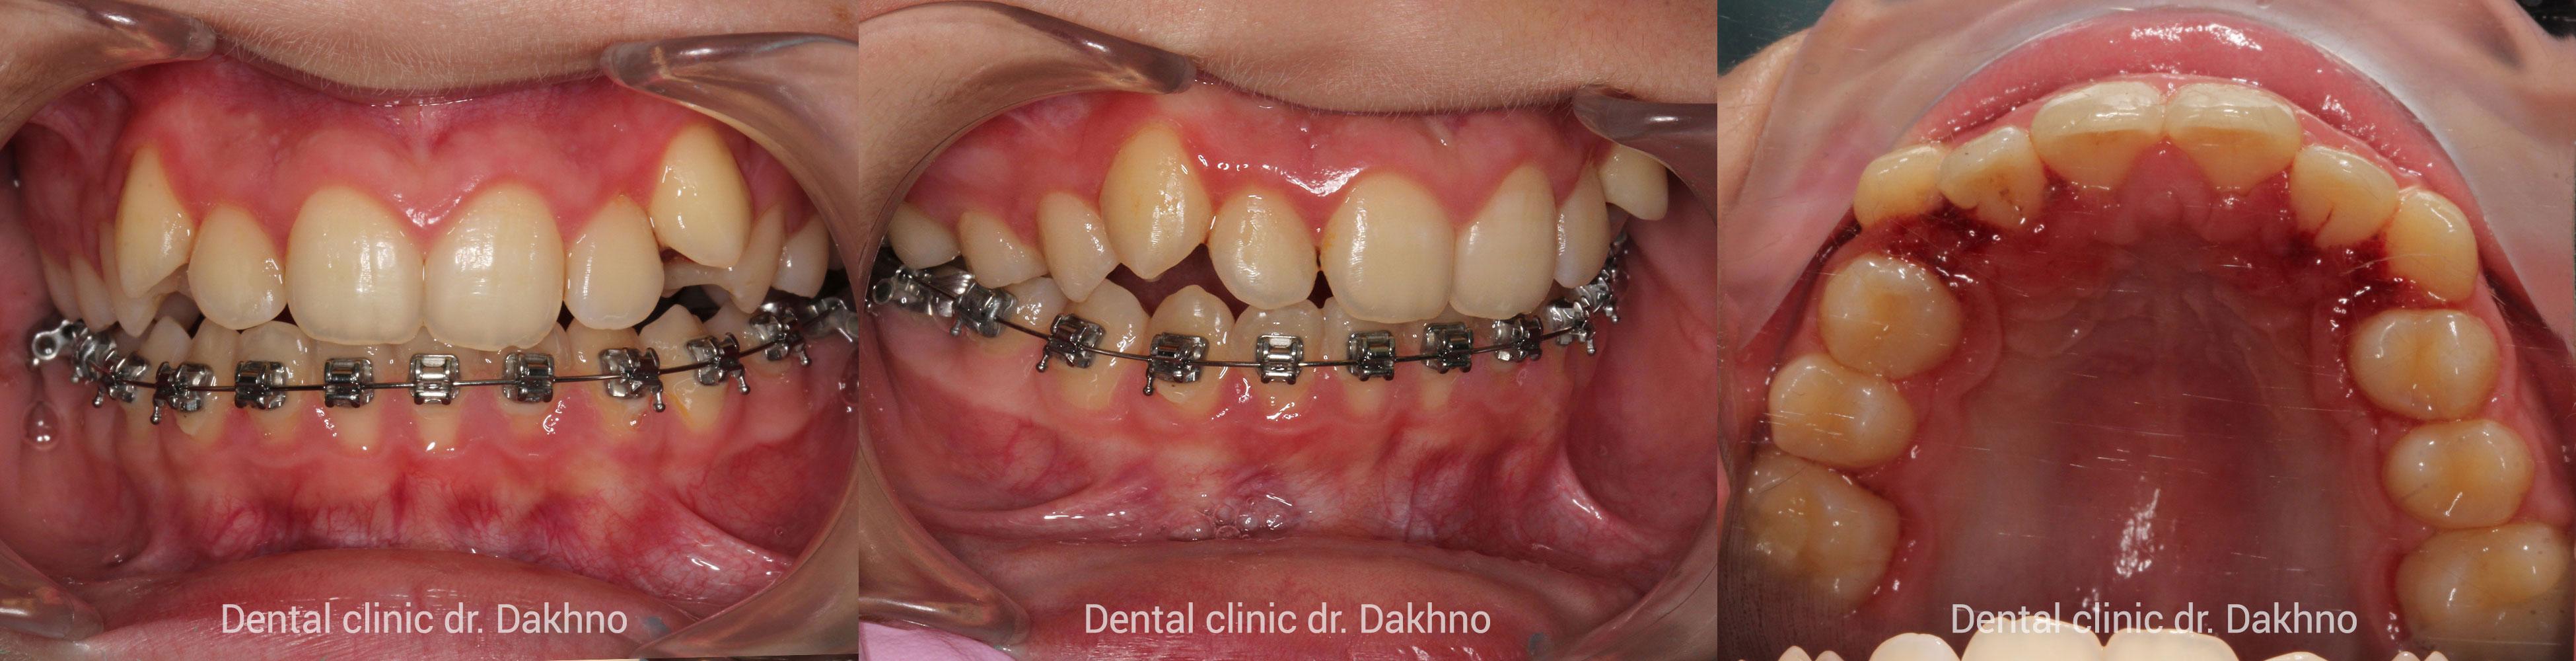 Гингивитомия на верхней челюсти, Гермектомия 38, 48 зубов